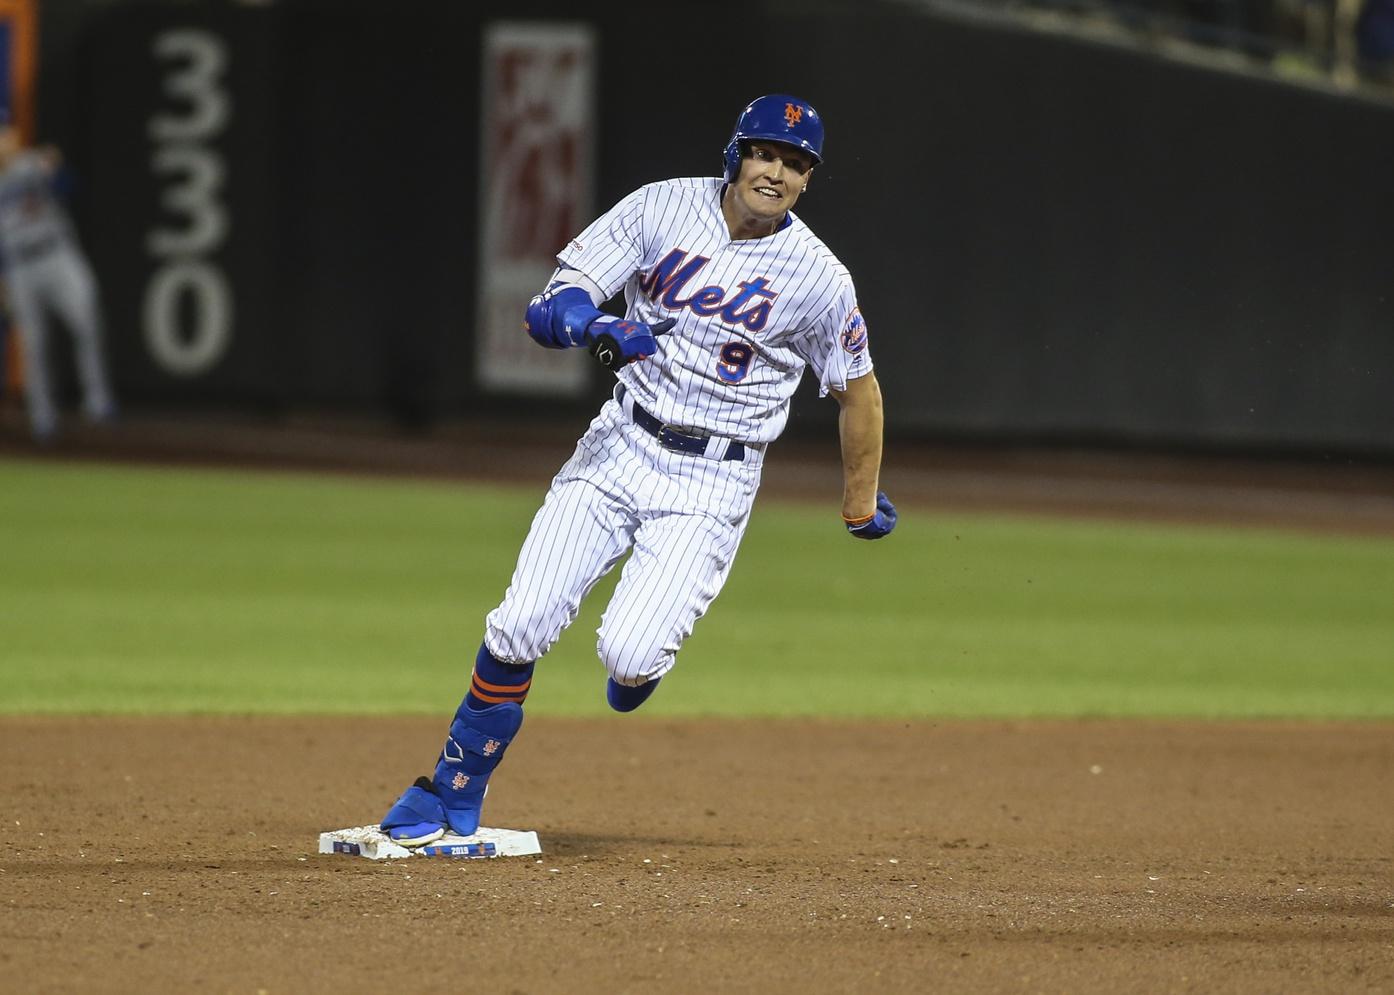 Game Thread: Mets vs. Rockies, 8:40 PM